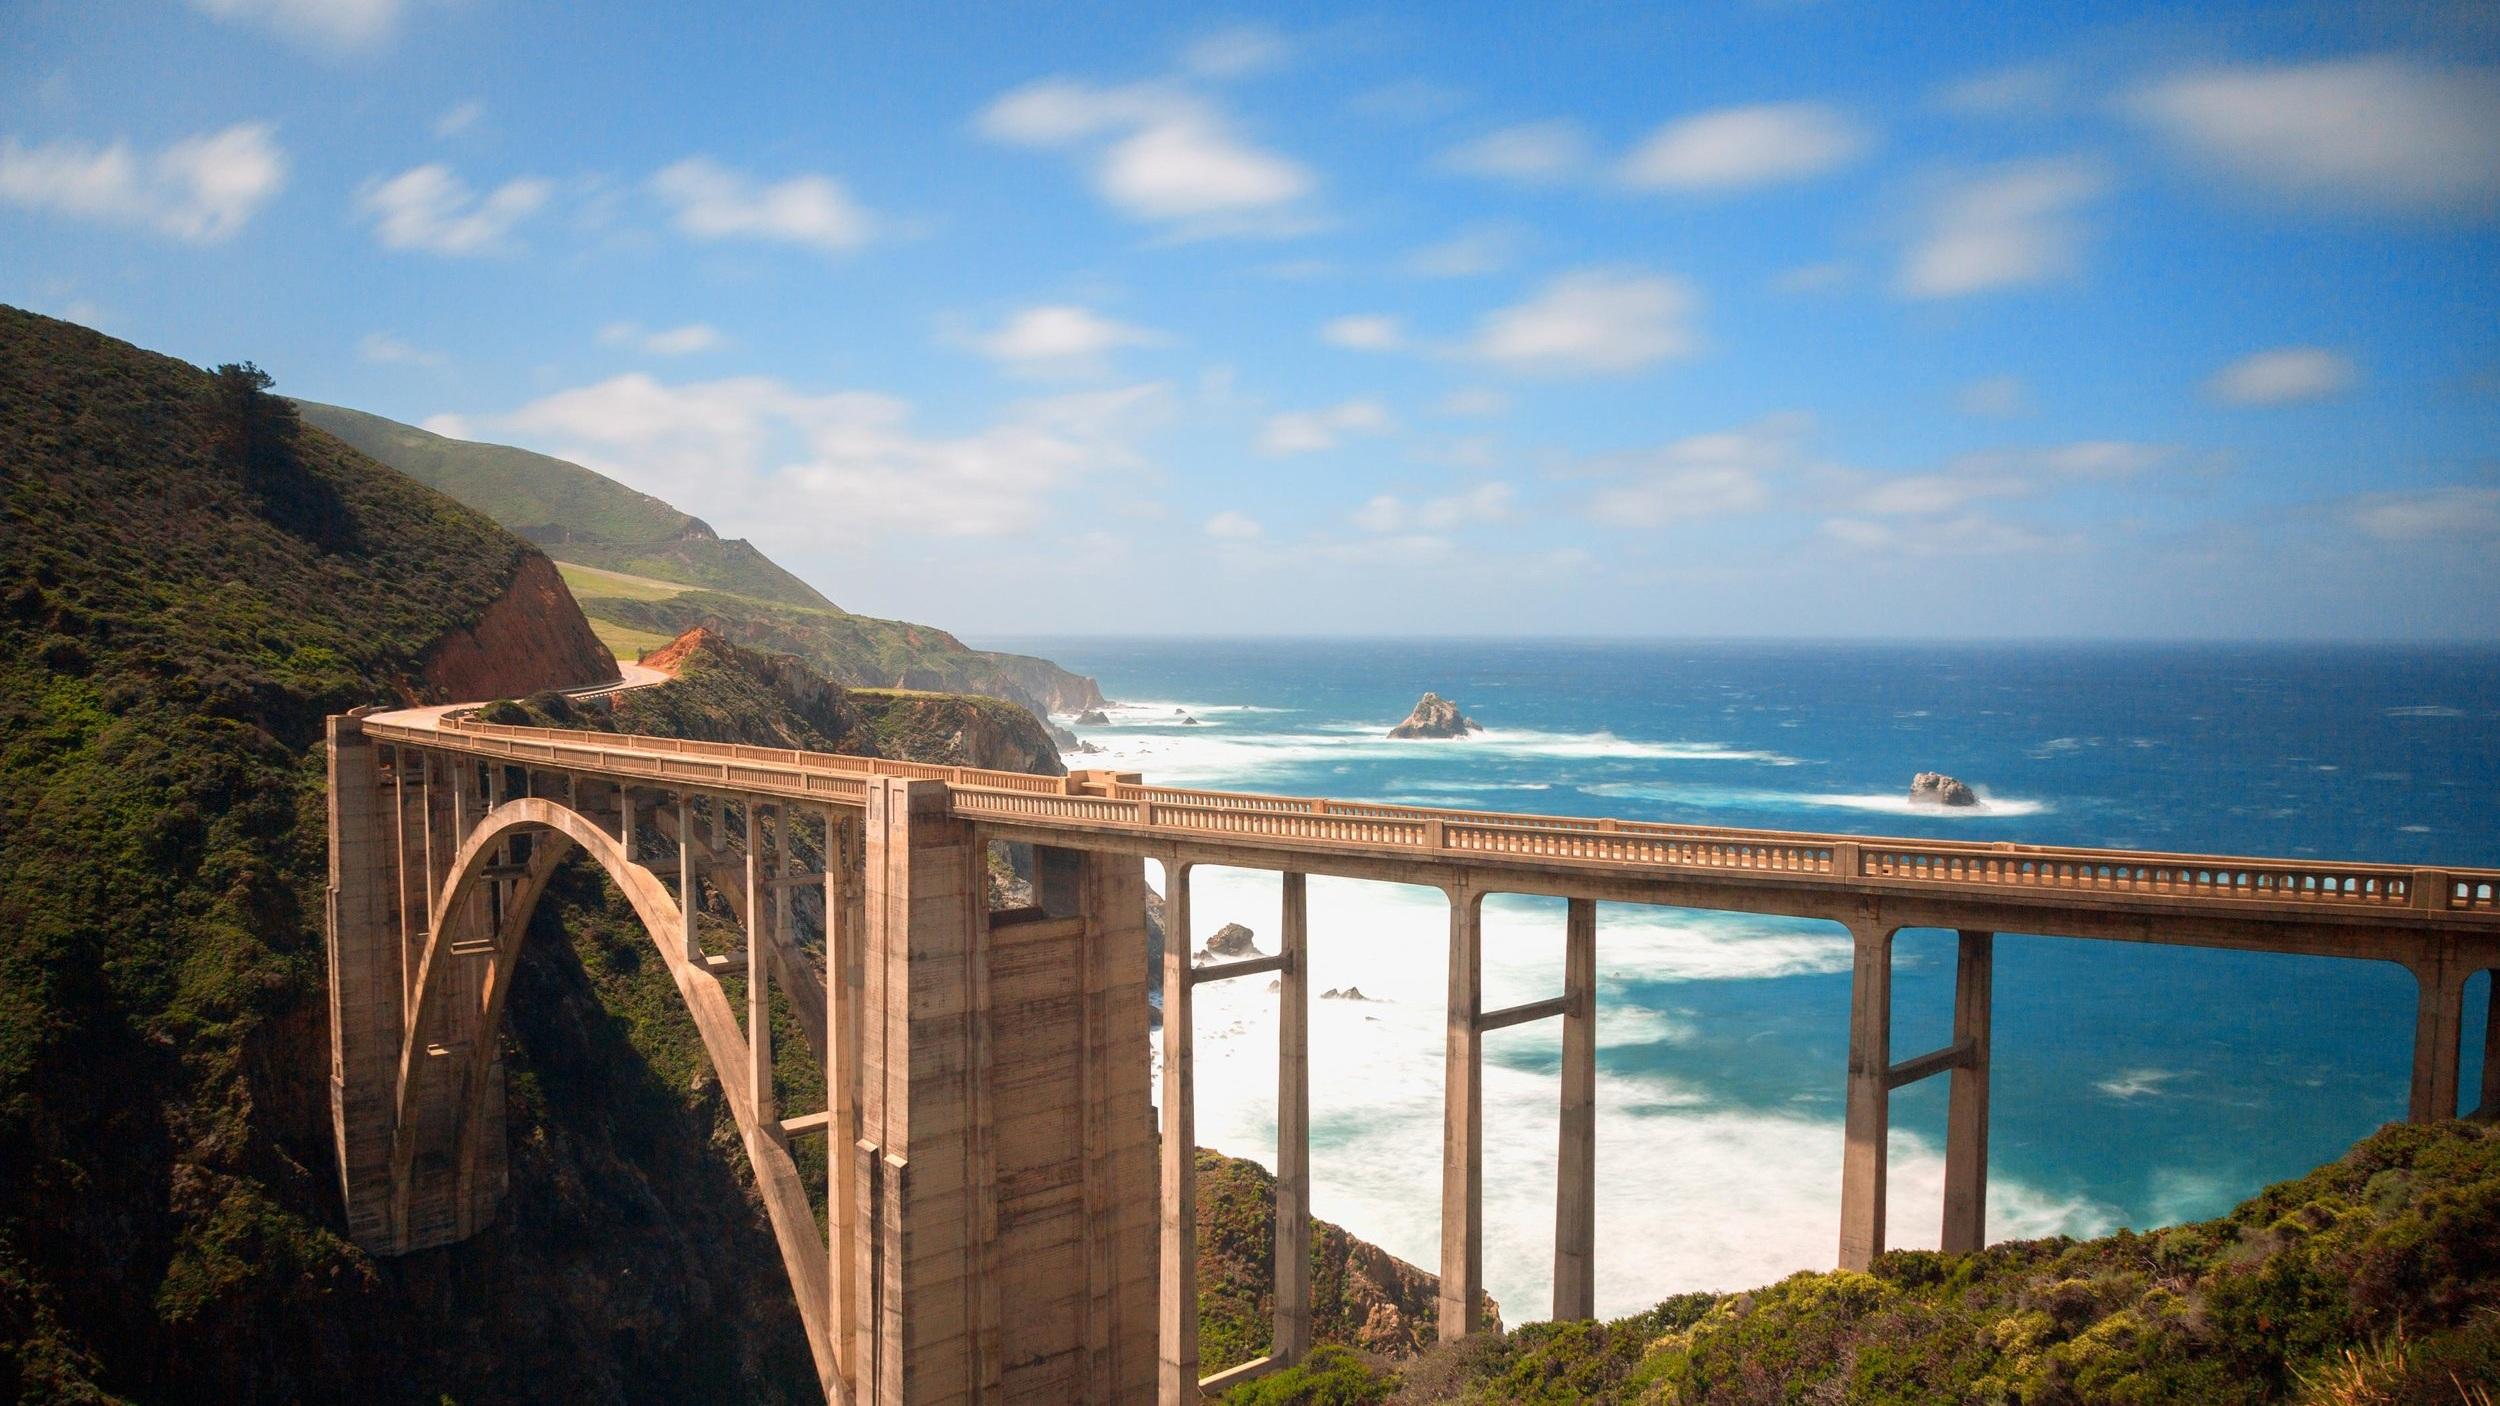 Highway 1  /  Pacific Coast Highway   Förmodligen den mest ikoniska motorvägen som finns. Här kan du ta dig de knappt 100 milen från San Diego i söder till San Francisco i norr och uppleva flera av höjdpunkterna på USA:s västkust. Vi erbjuder och kan hjälpa till med hyrbil och väl utvalda hotell inför din resa.